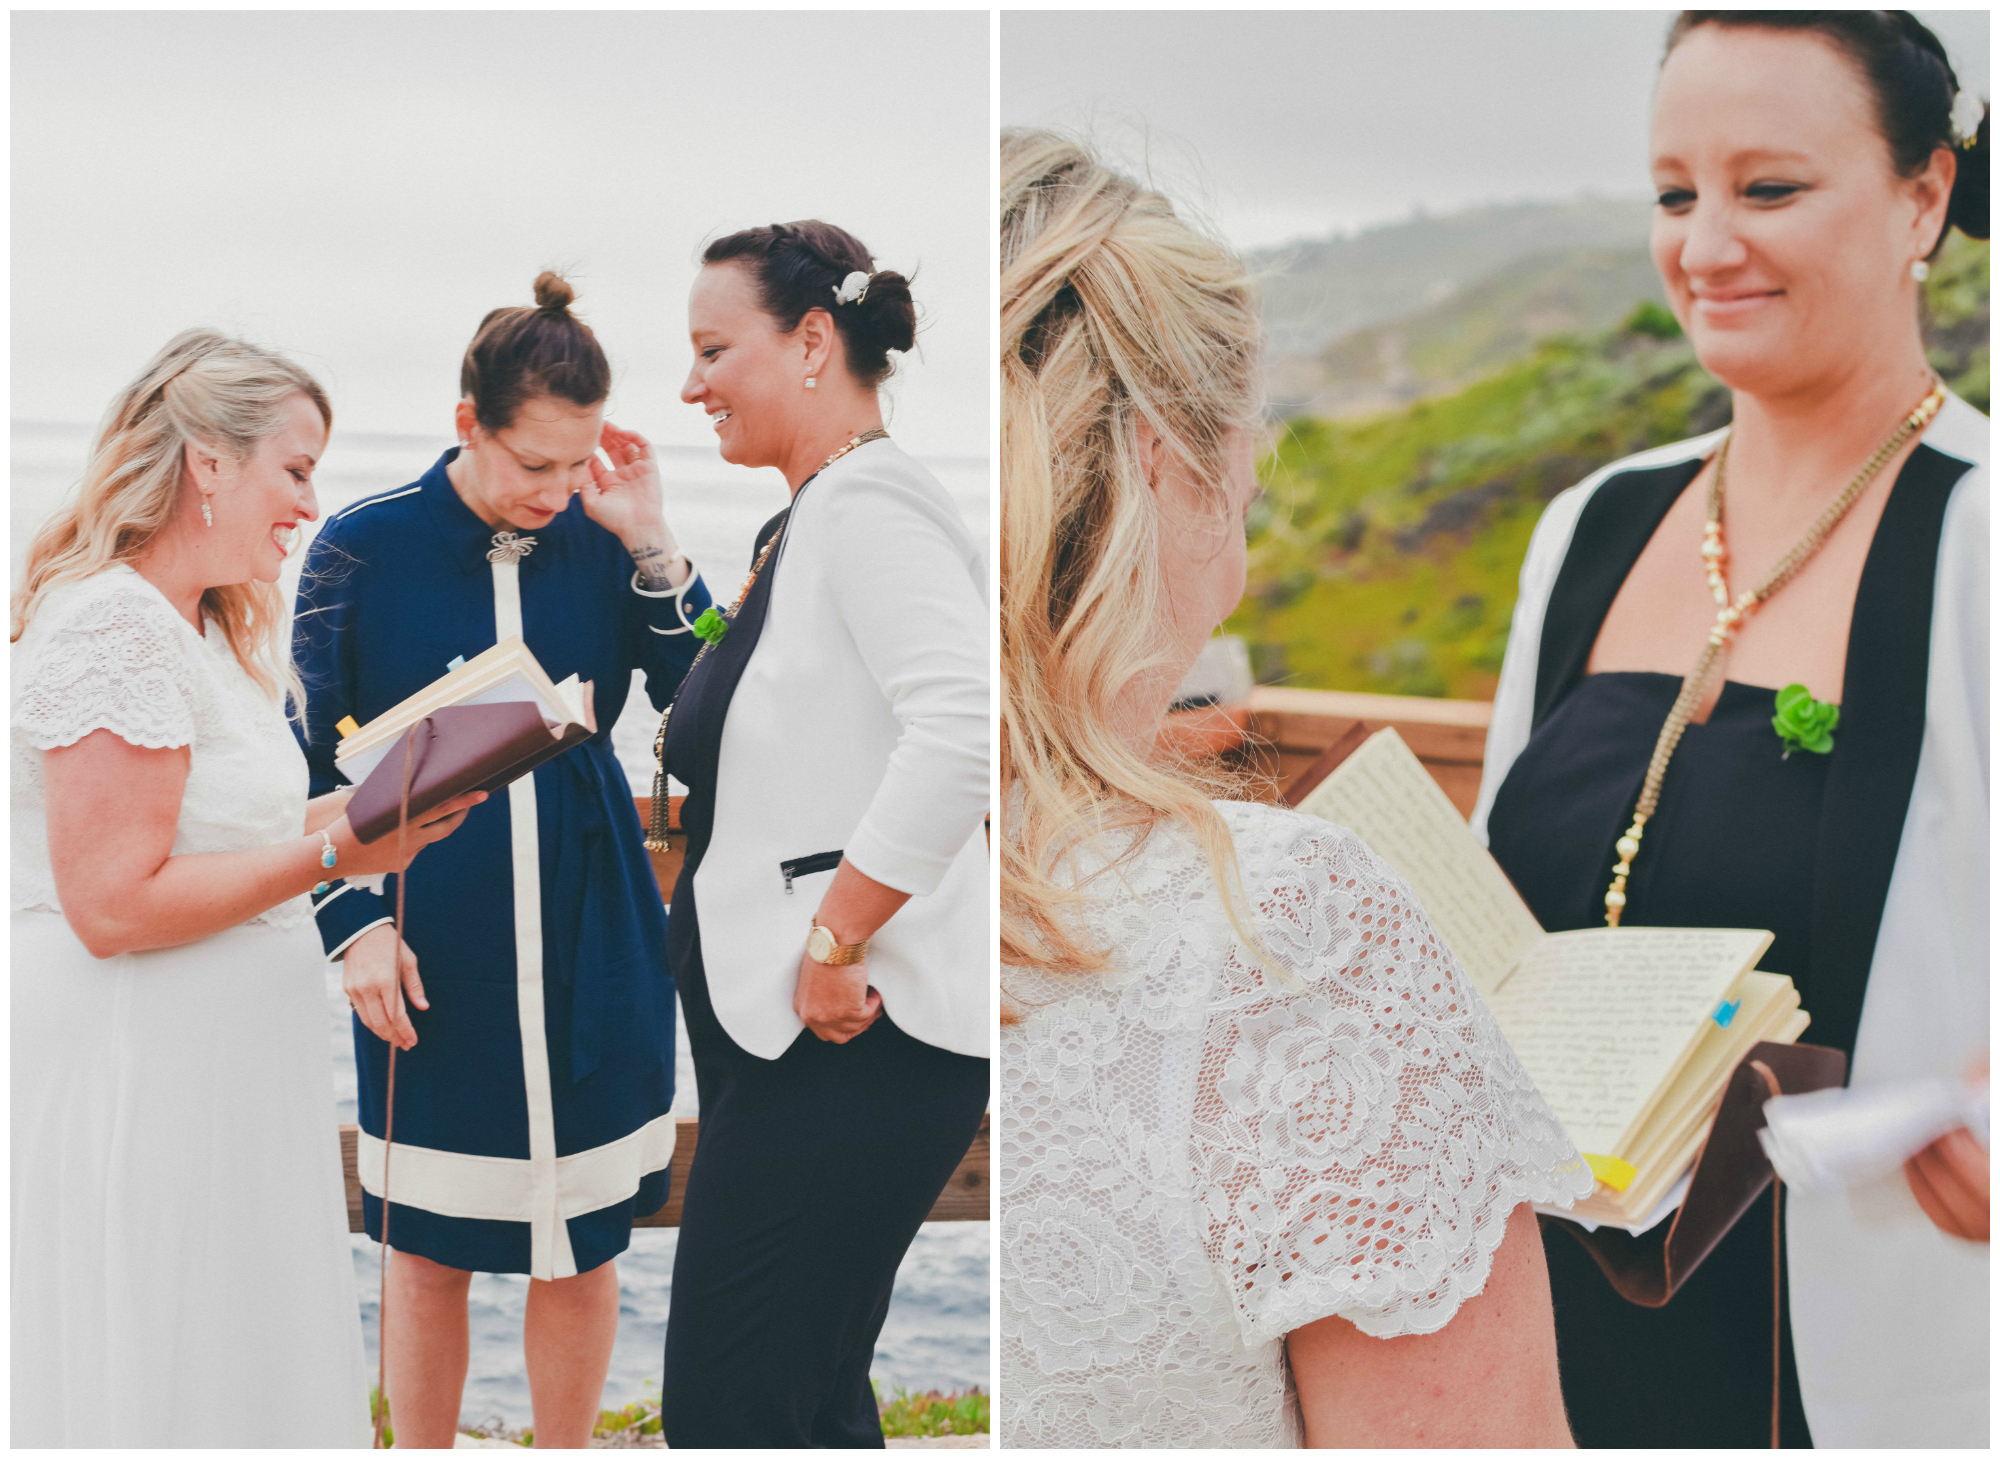 Ceremony Collage 4.jpg